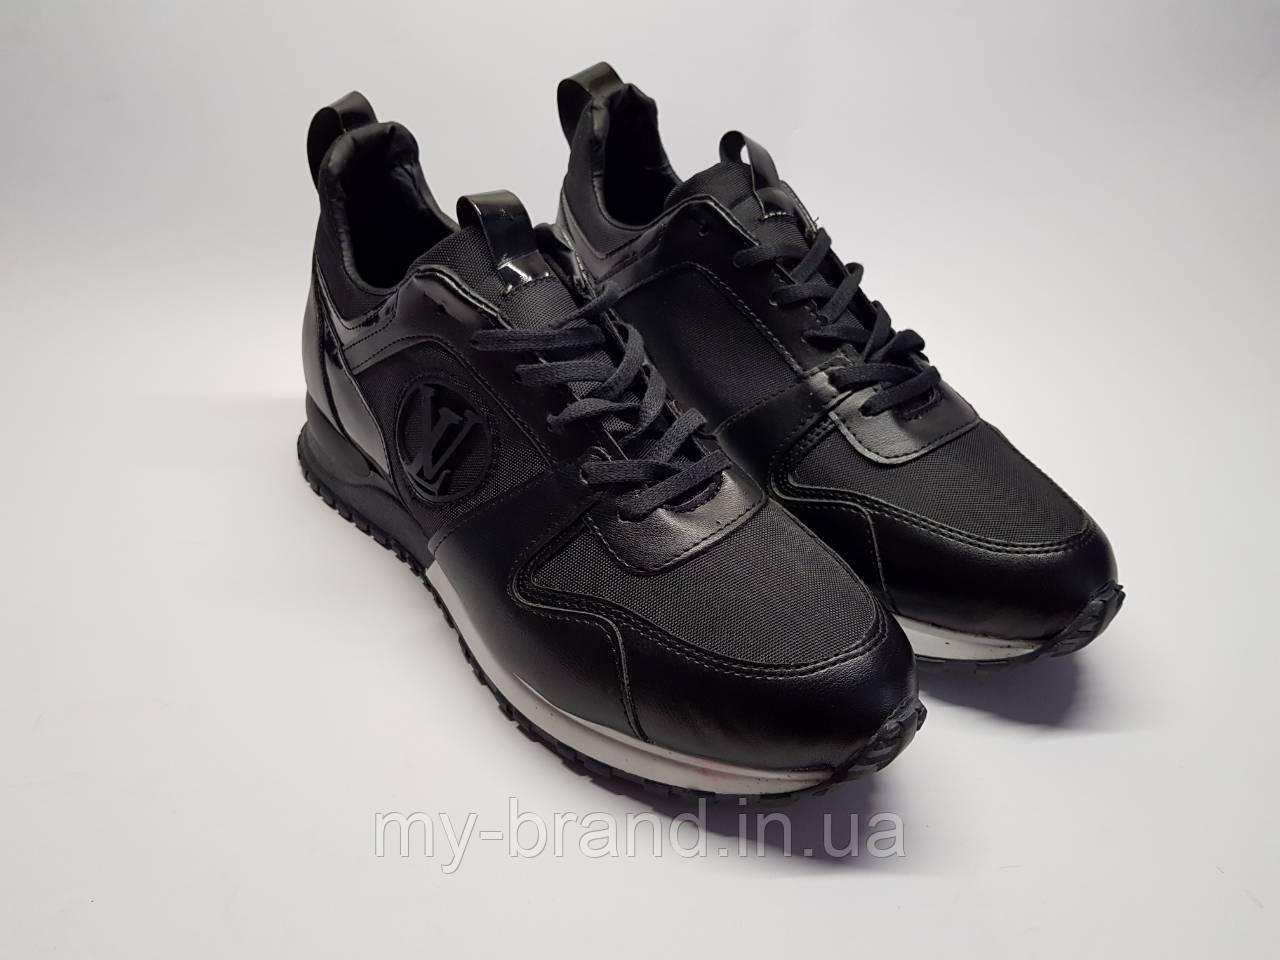 Мужские кроссовки Louis Vuitton Люкс (Черные)  продажа, цена в ... 2e4c403f4ac